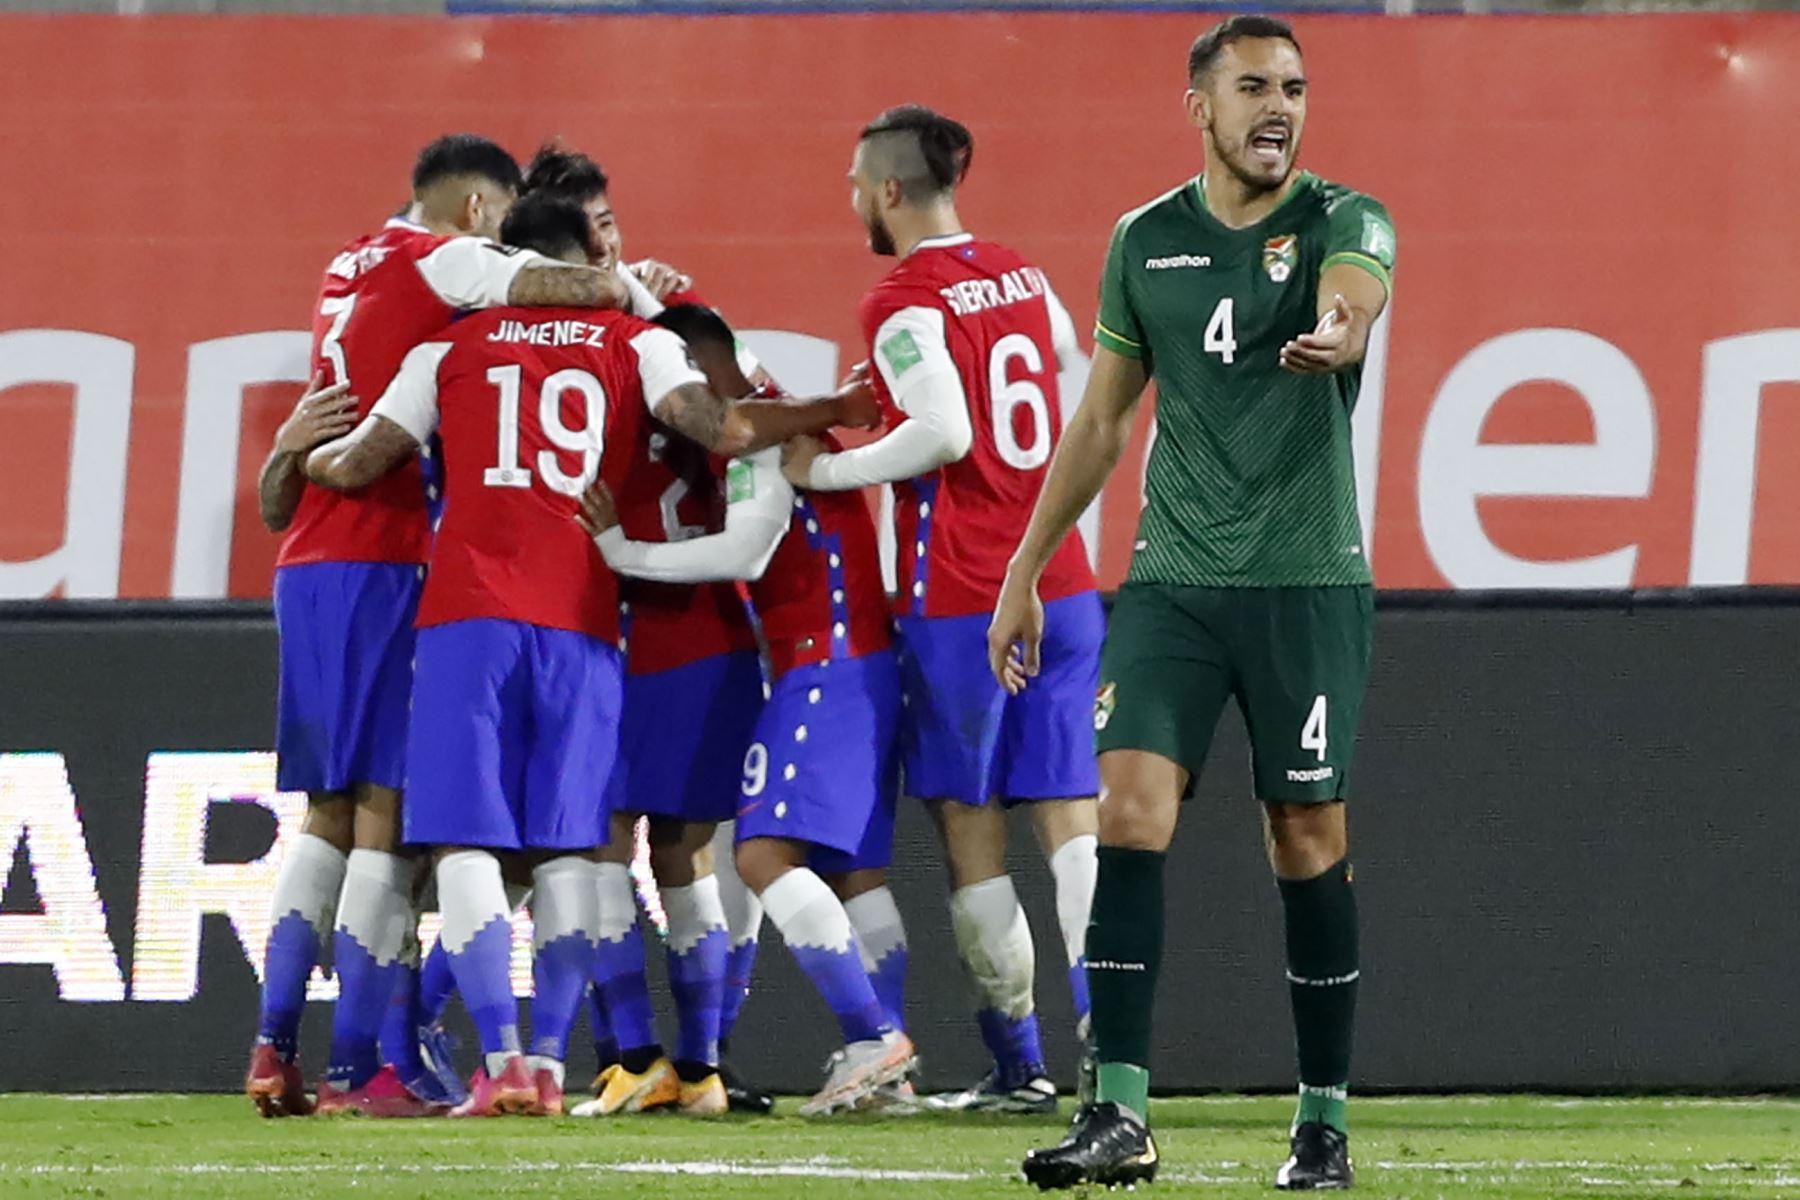 Los jugadores de Chile celebran después de anotar contra Bolivia durante su partido de fútbol de clasificación sudamericano para la Copa Mundial de la FIFA Qatar 2022 en el Estadio Nacional de Santiago . Foto: AFP